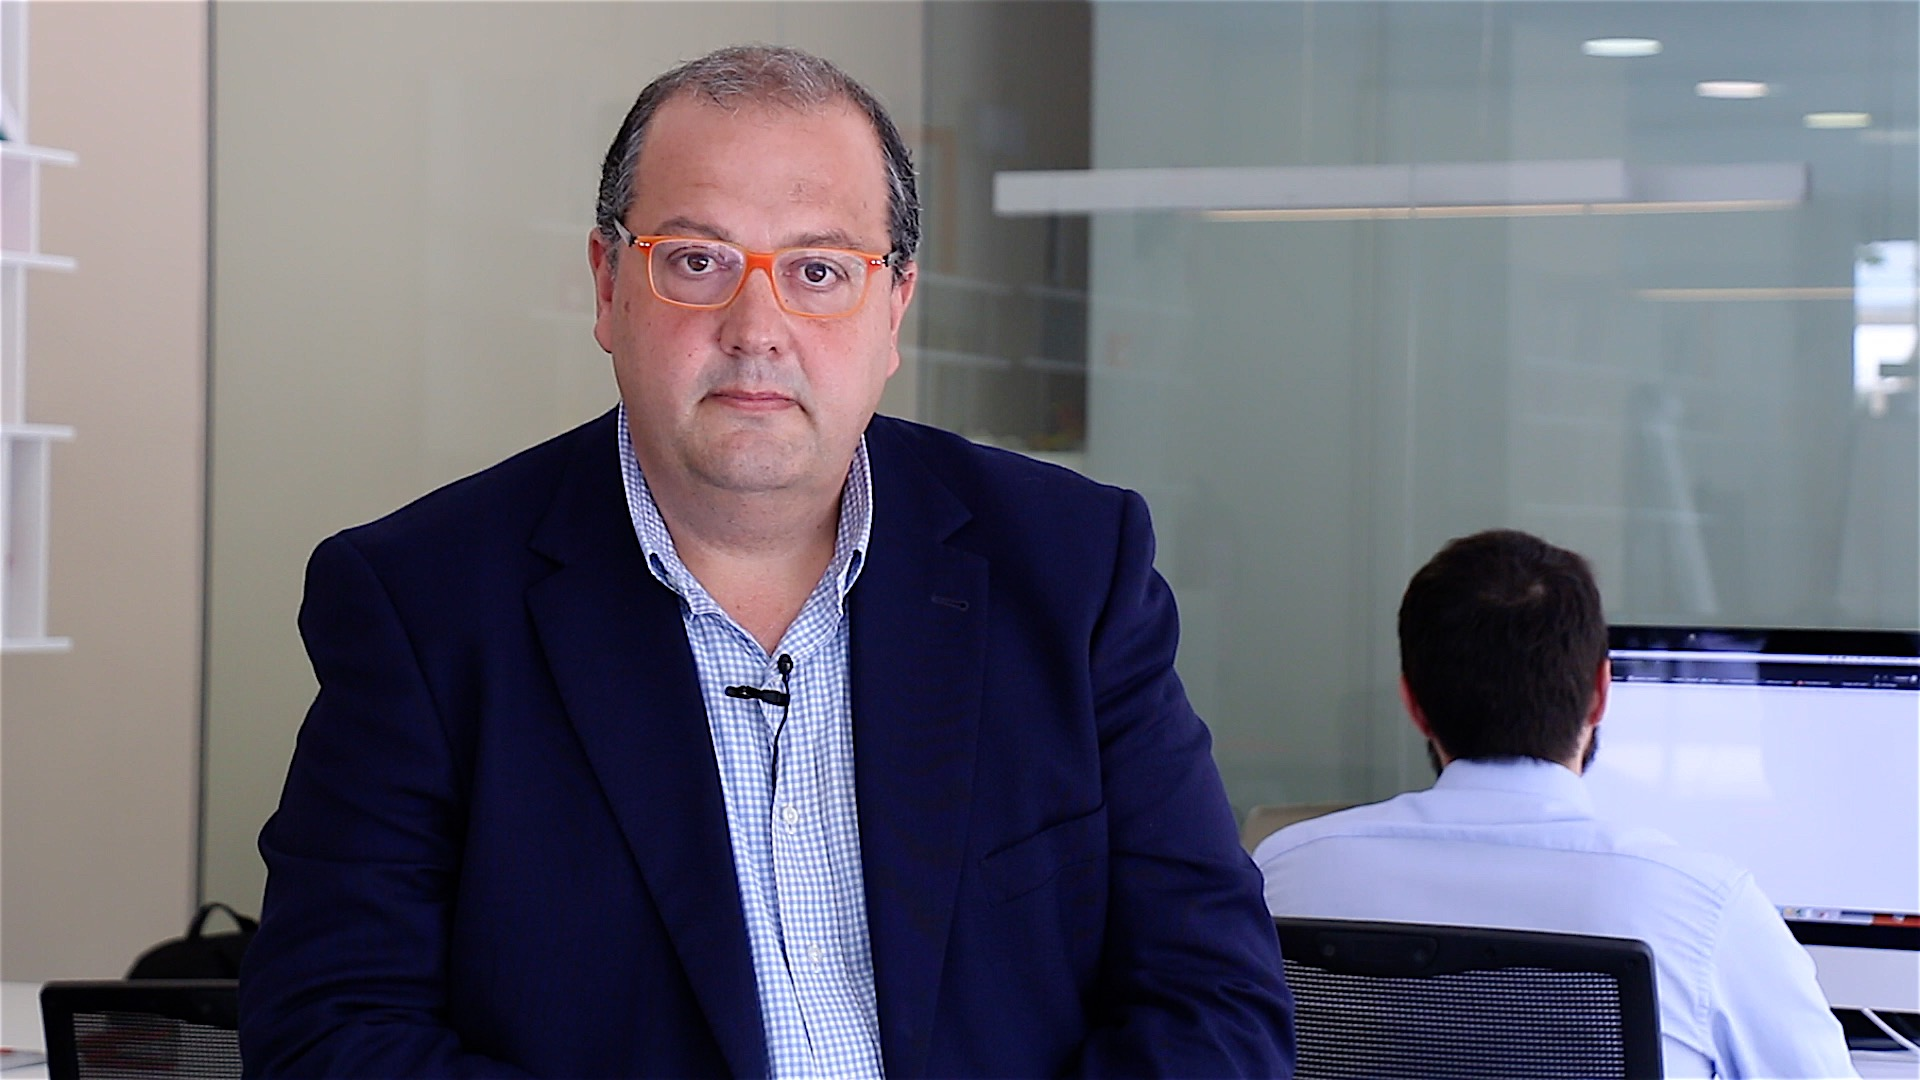 Antonio Izquierdo, motivos de compraventa e integracion entre despachos profesionales